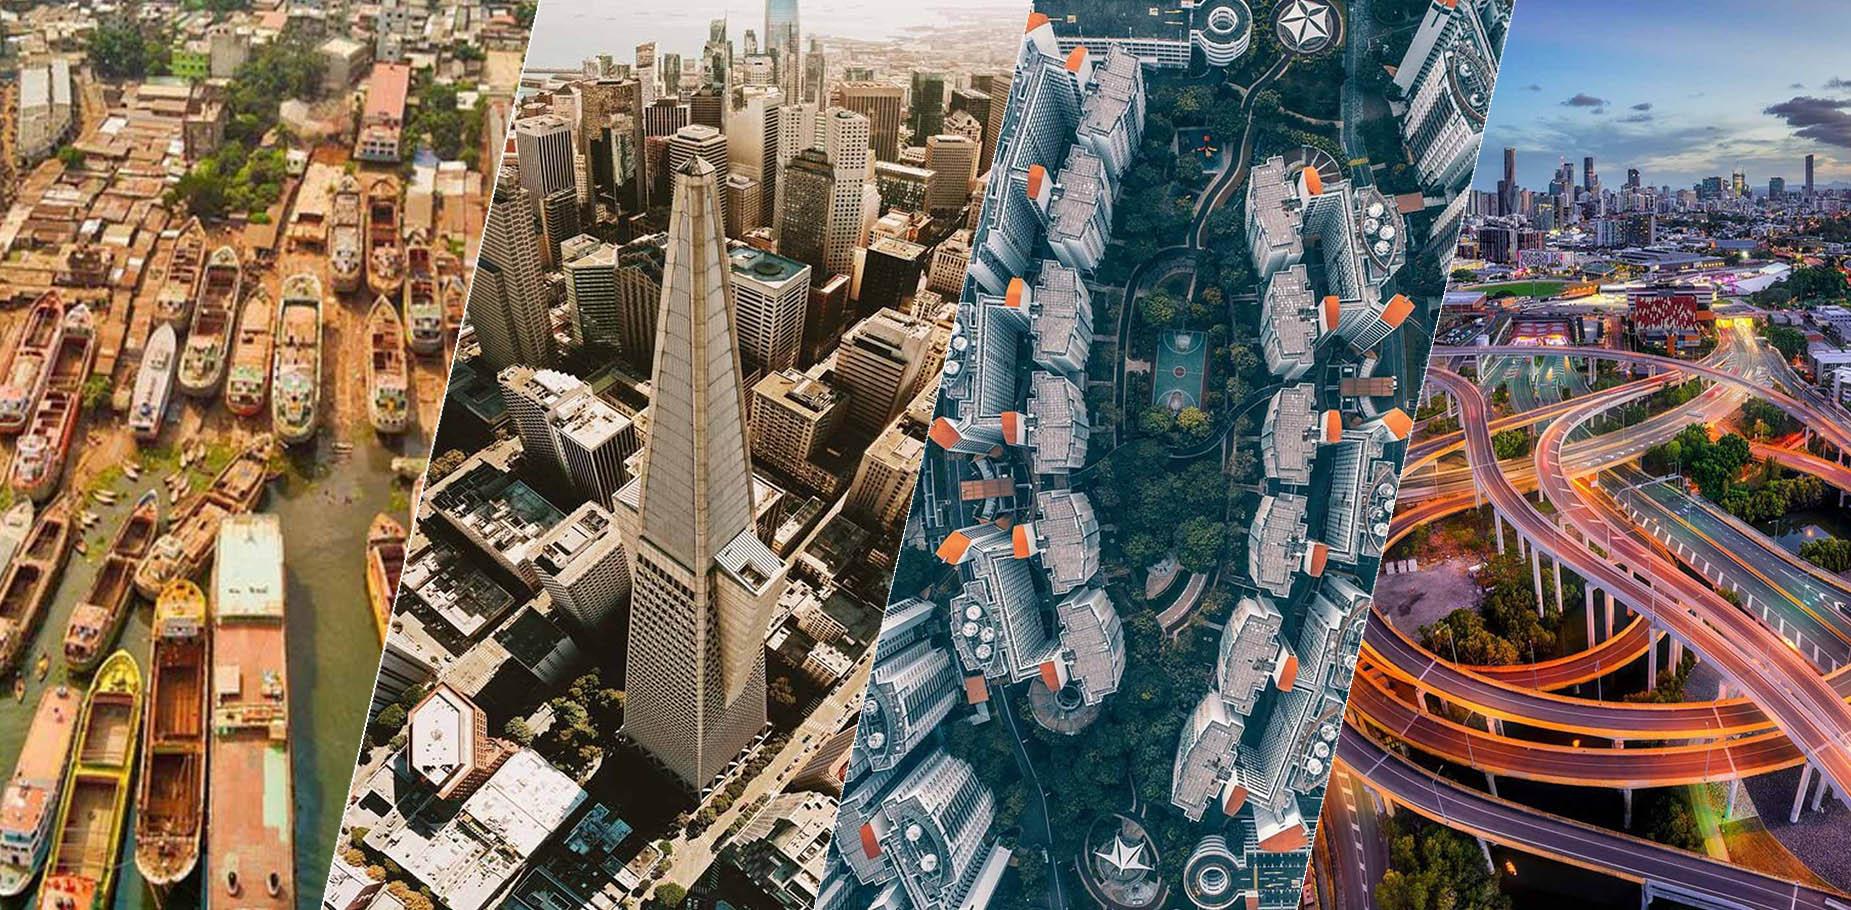 10 bức ảnh đô thị hấp dẫn nhất -11